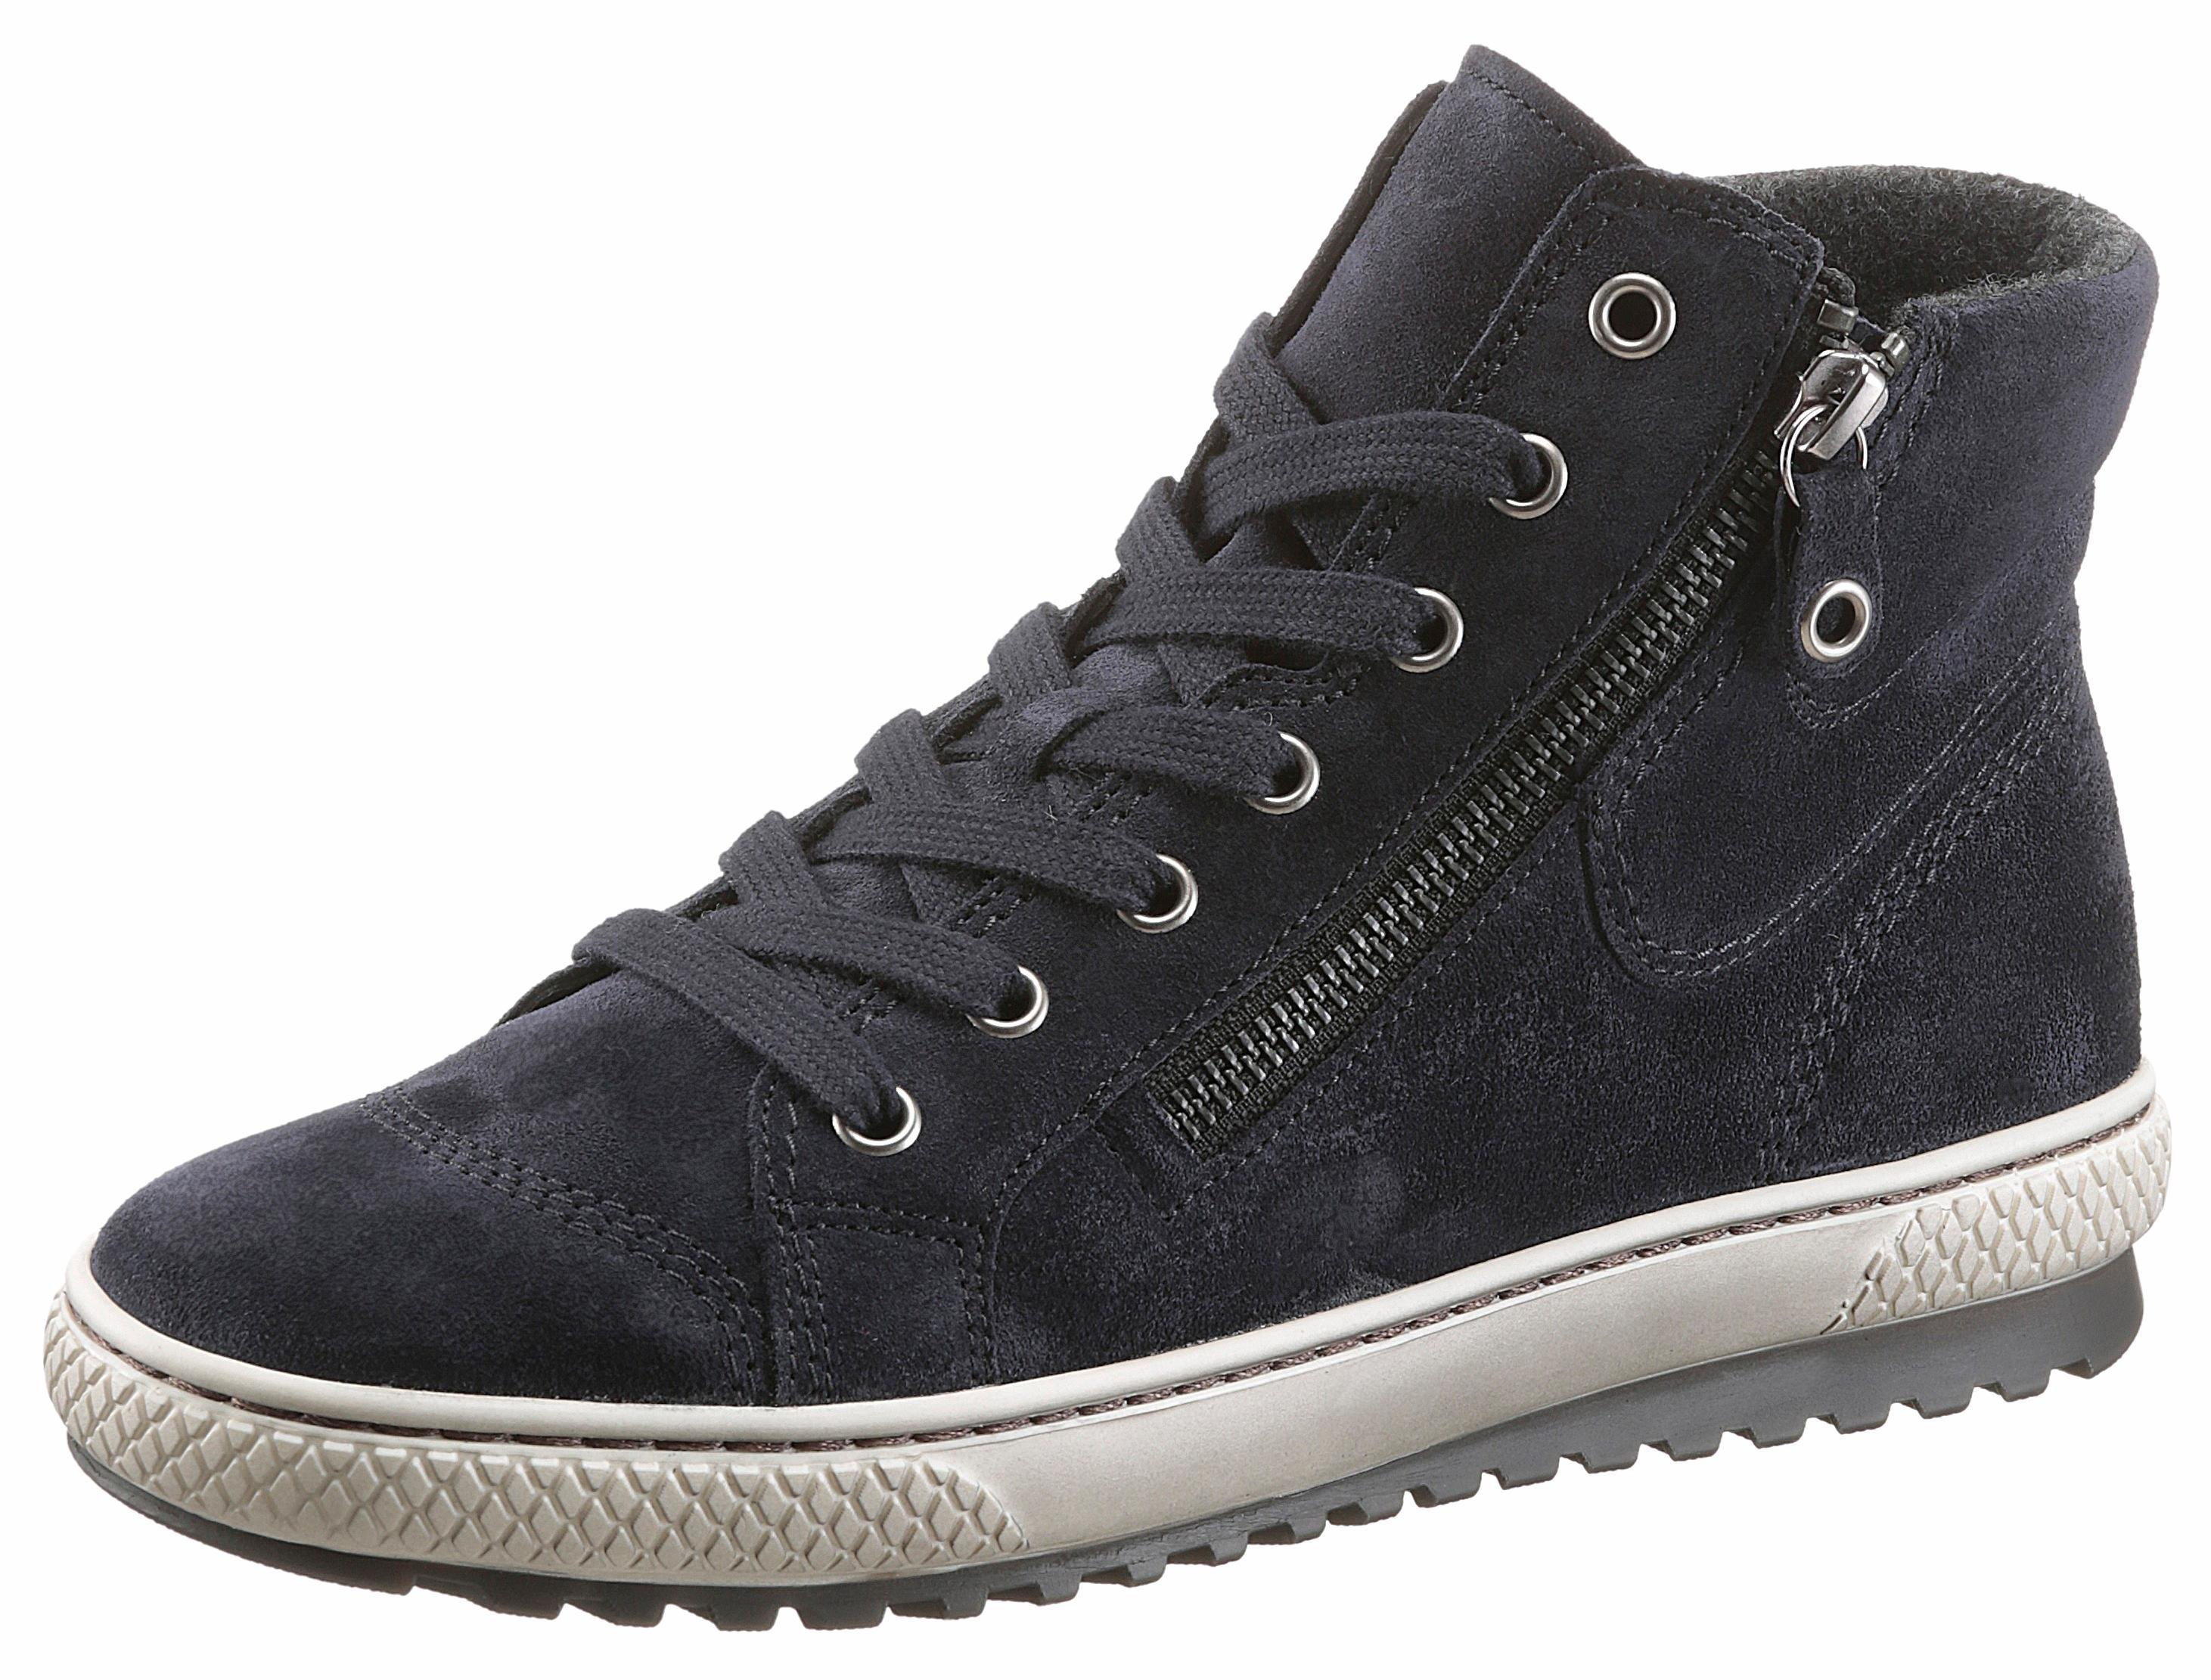 Gabor hoge veterschoenen nu online kopen bij OTTO